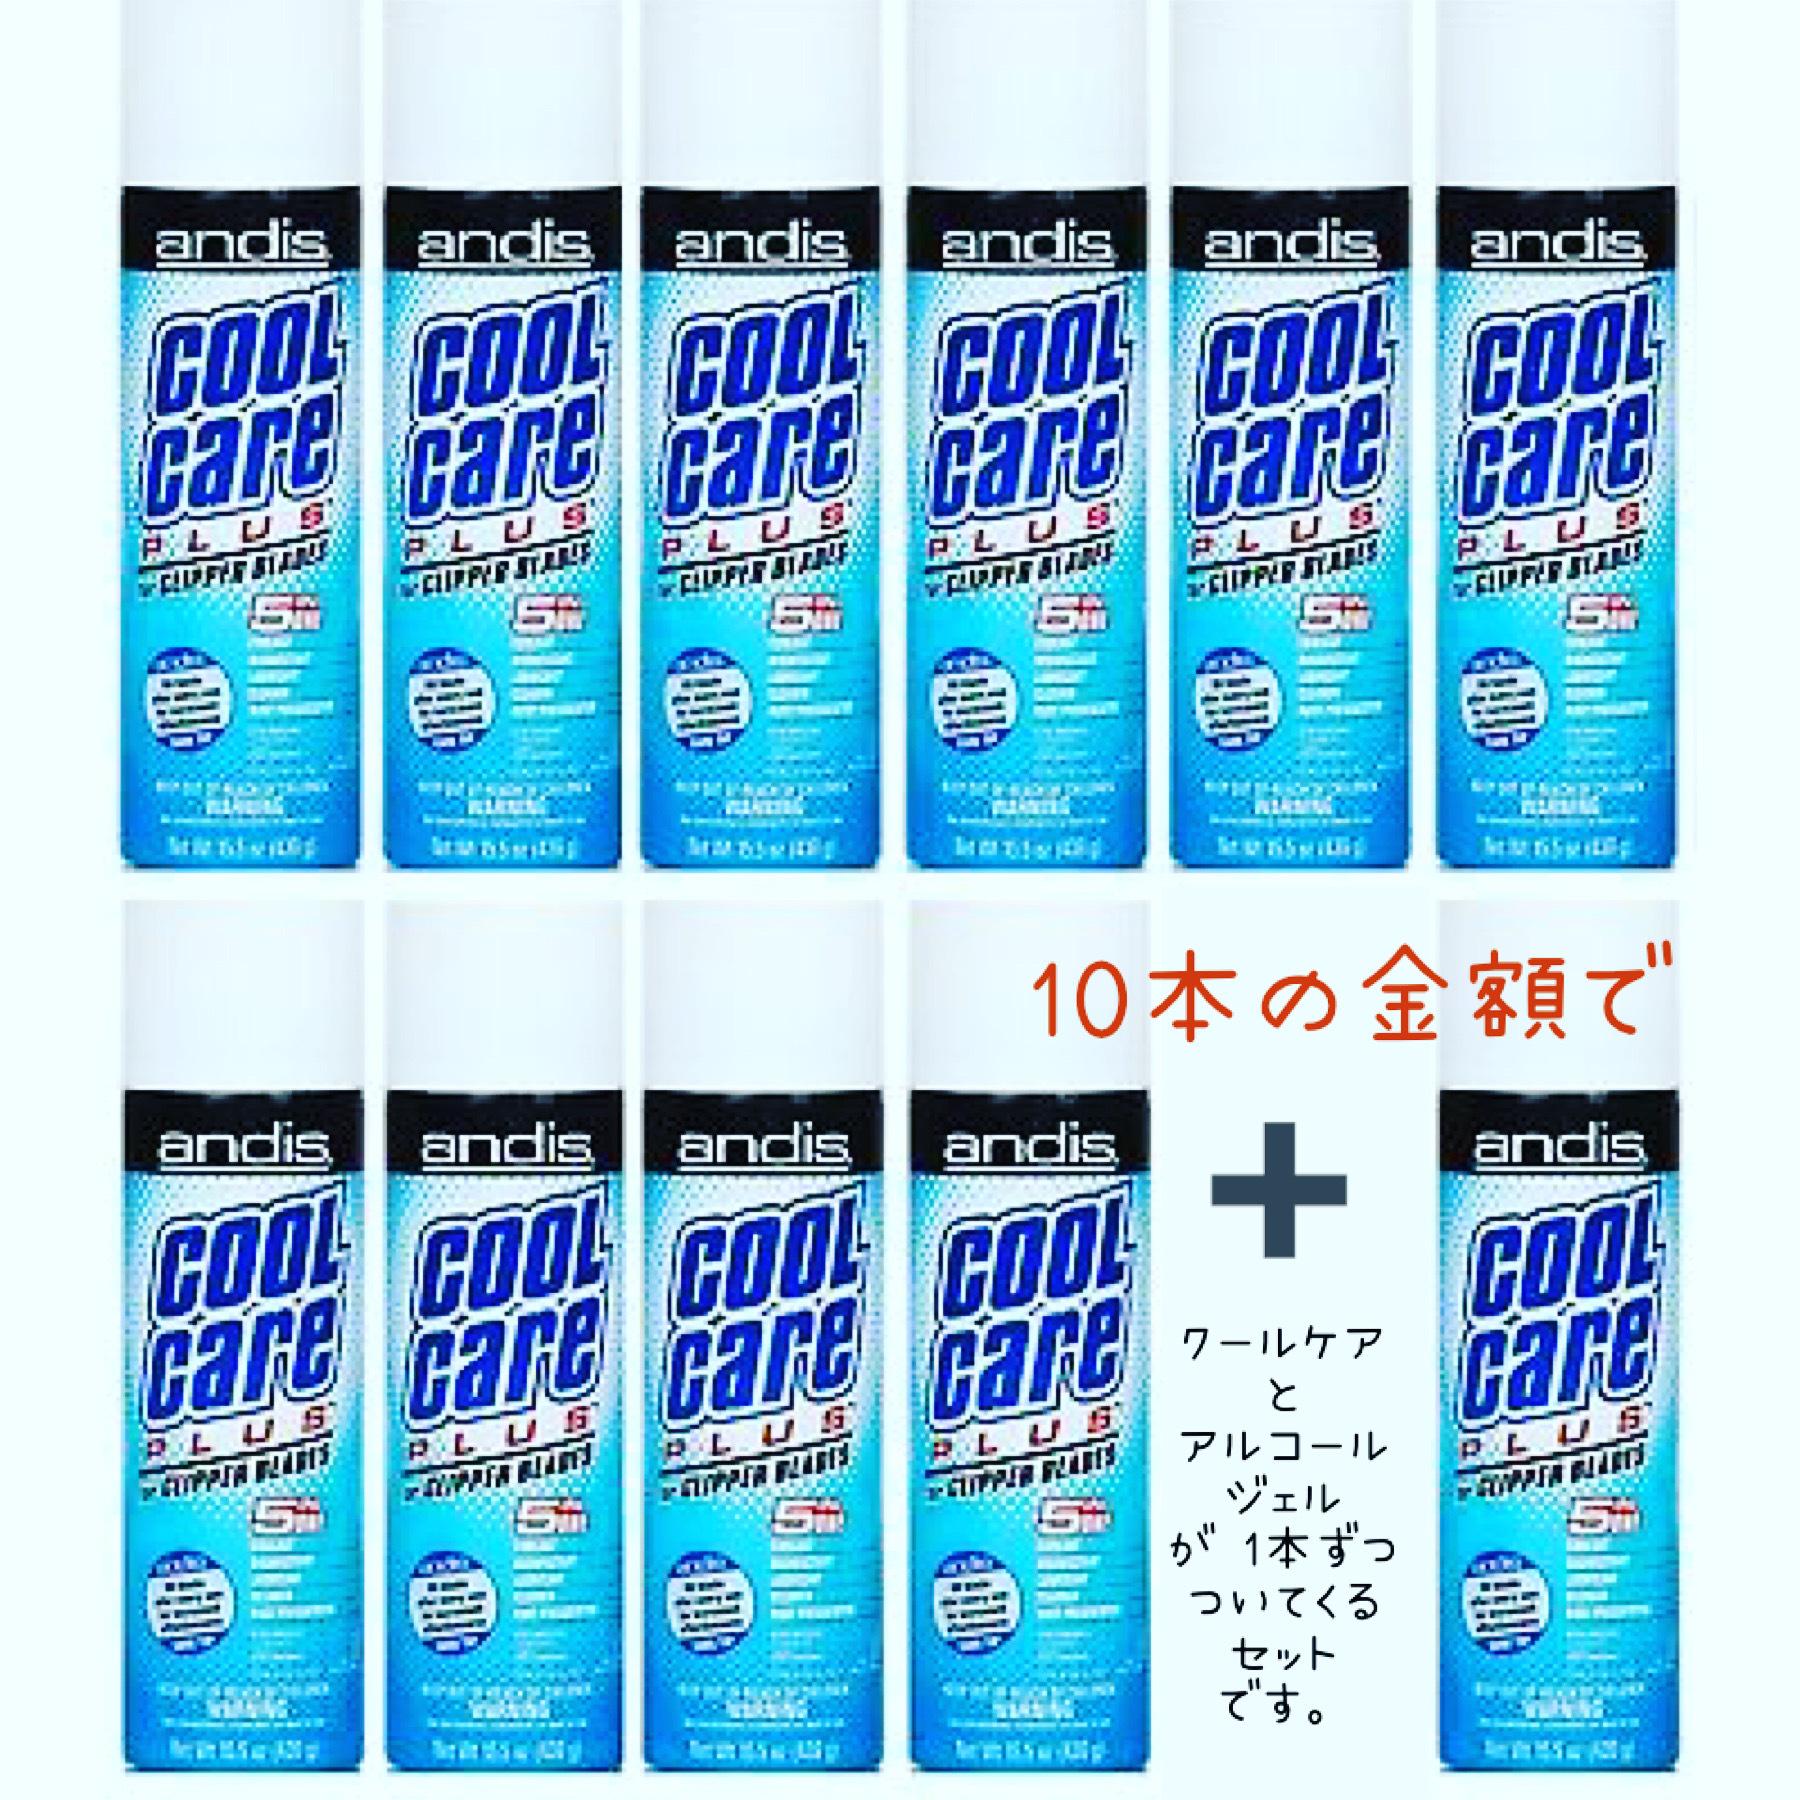 10本のお値段で11本届くクールケアプラス(エタノール63%)+アルコールジェル1本